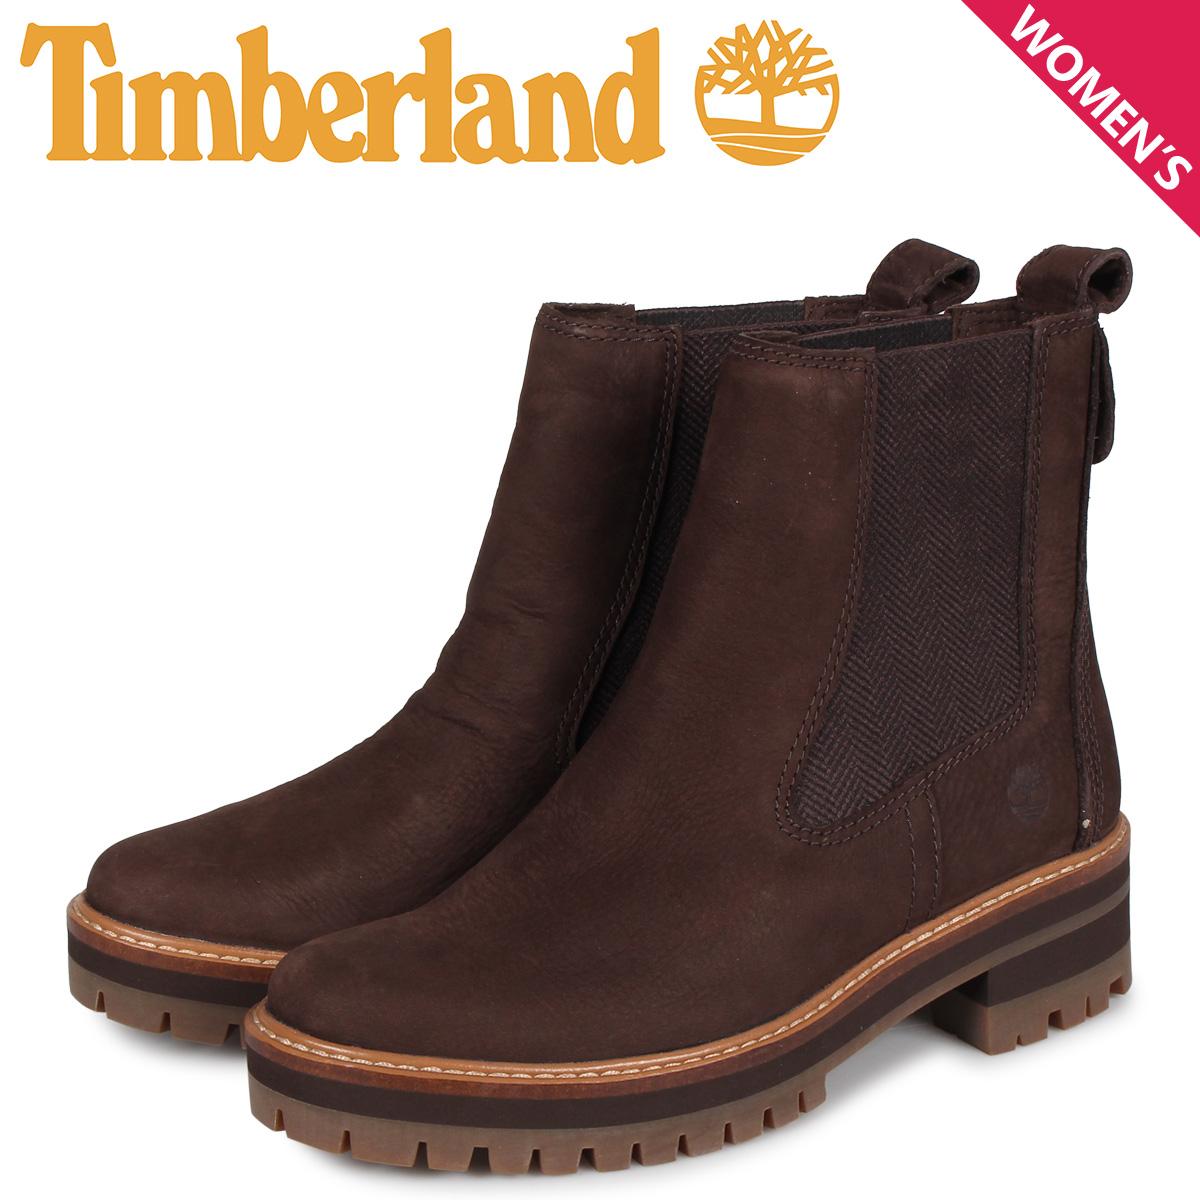 ティンバーランド Timberland ブーツ レディース チェルシー サイドゴア クールマイヨール バレー WOMENS COURMAYEUR VALLEY CHELSEA BOOTS ダーク ブラウン A23WU